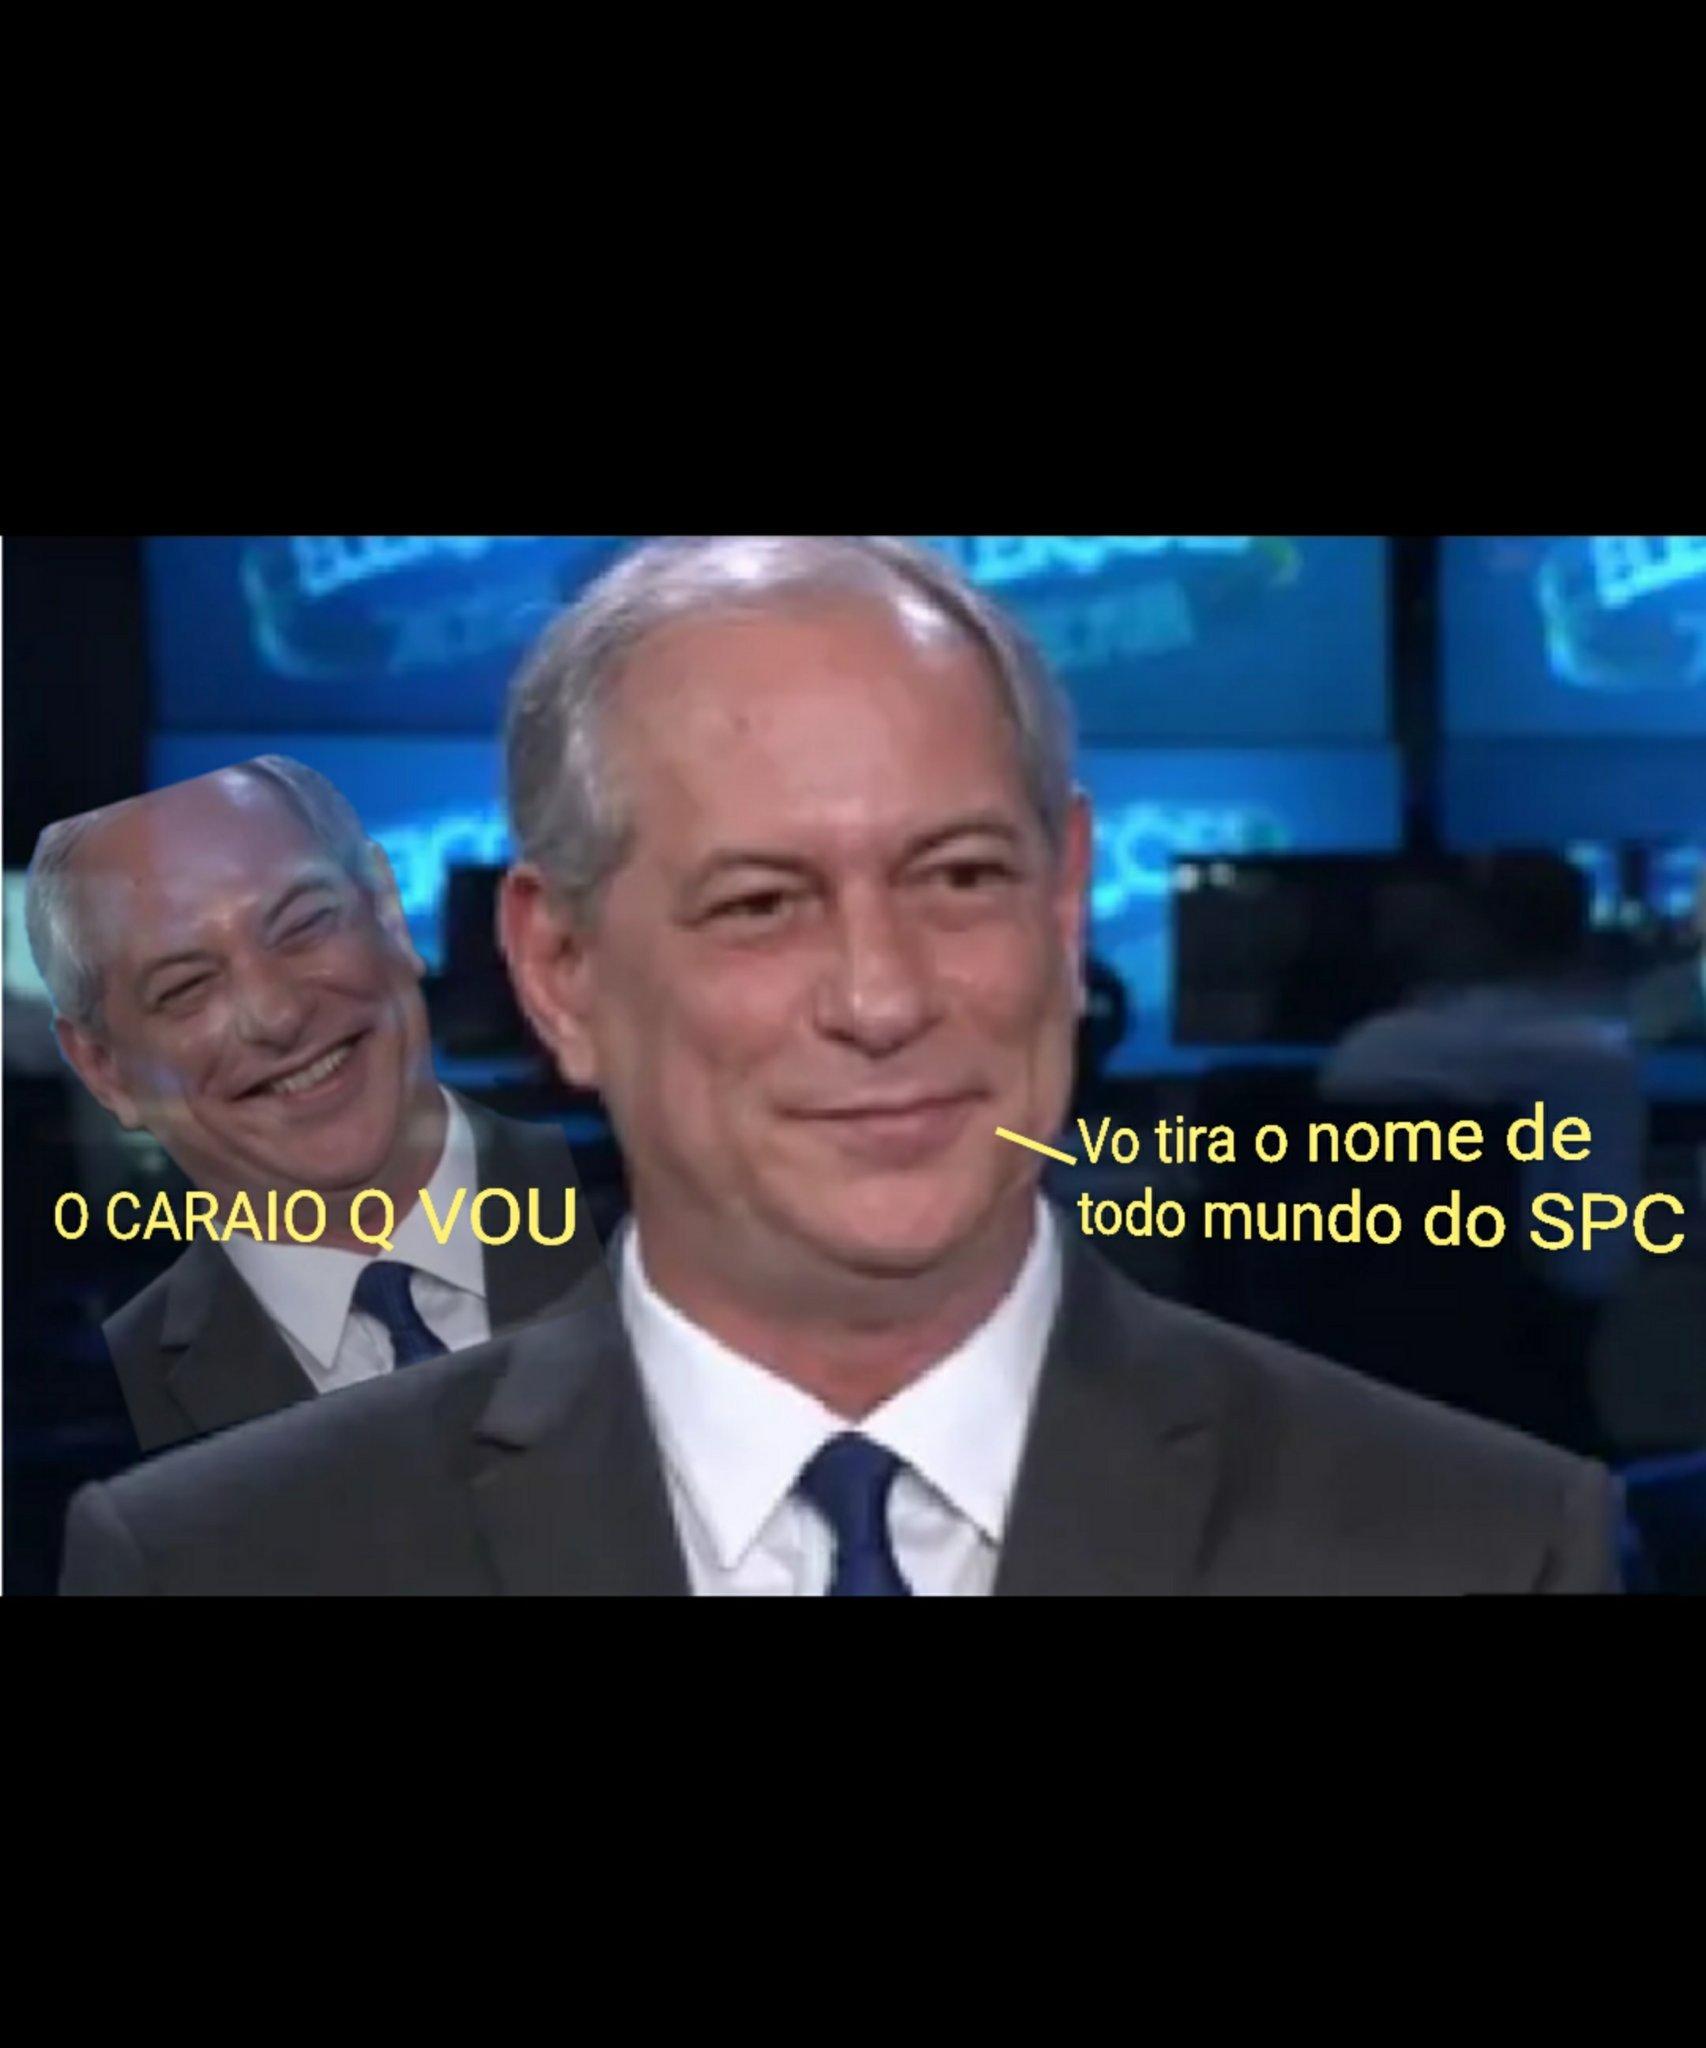 Só voto em quem tira 300 trilhões de Brazilian milf likes to fuck da miséria, opa - meme